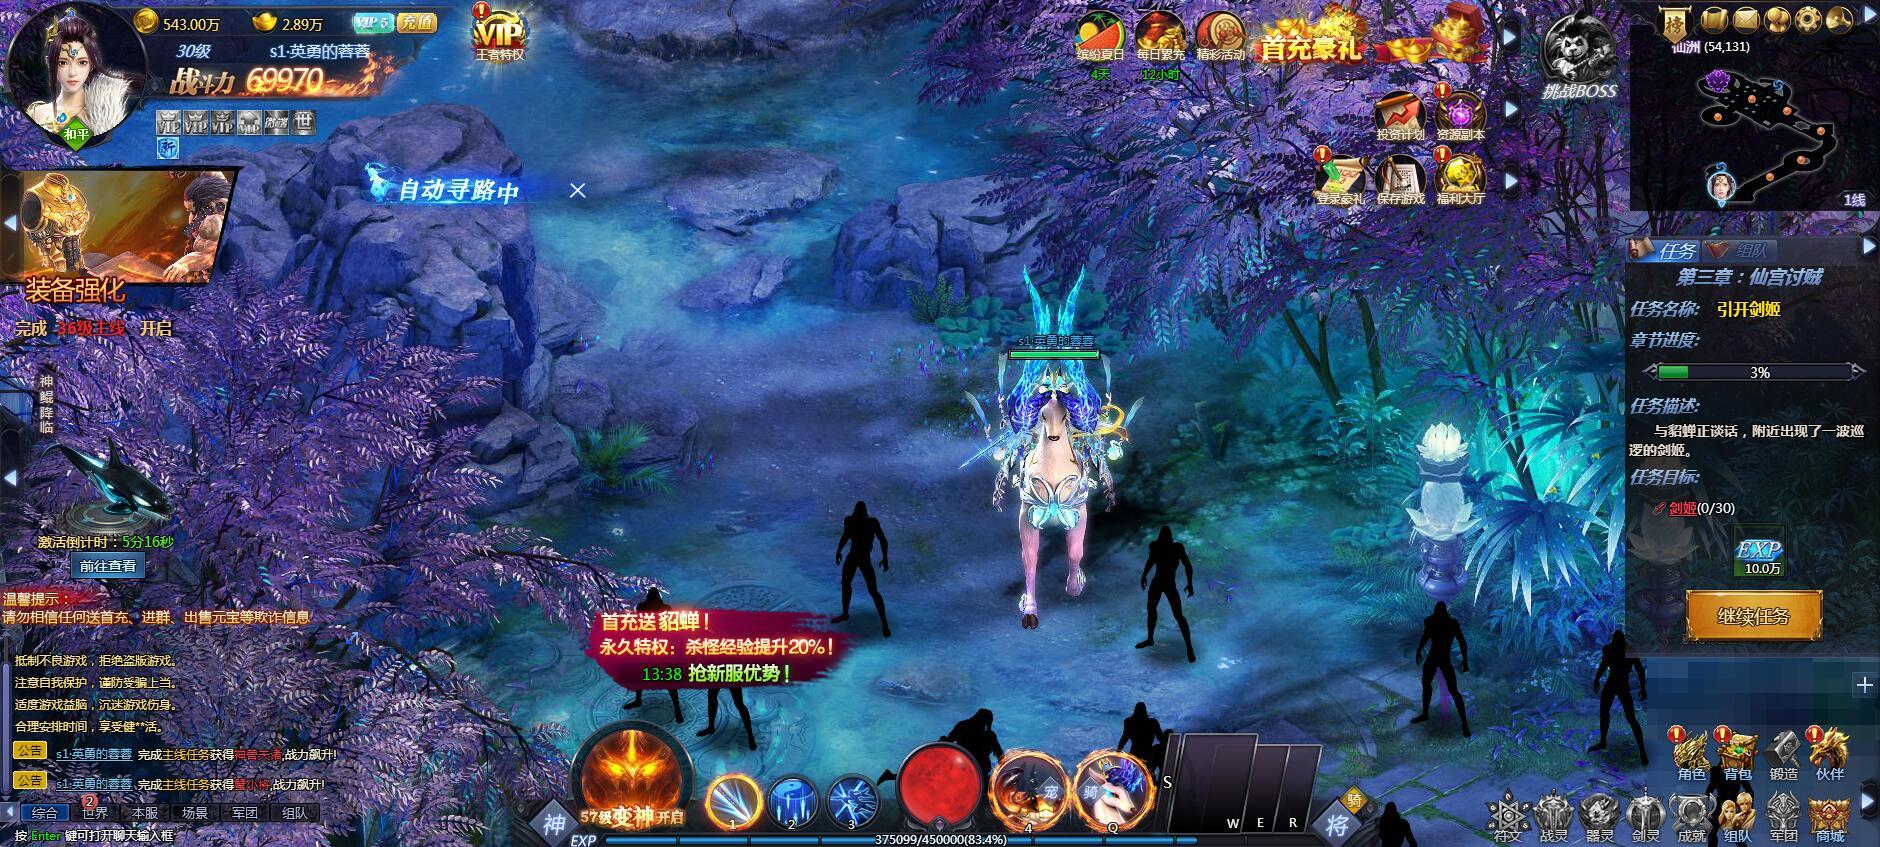 《碧血神剑》游戏截图